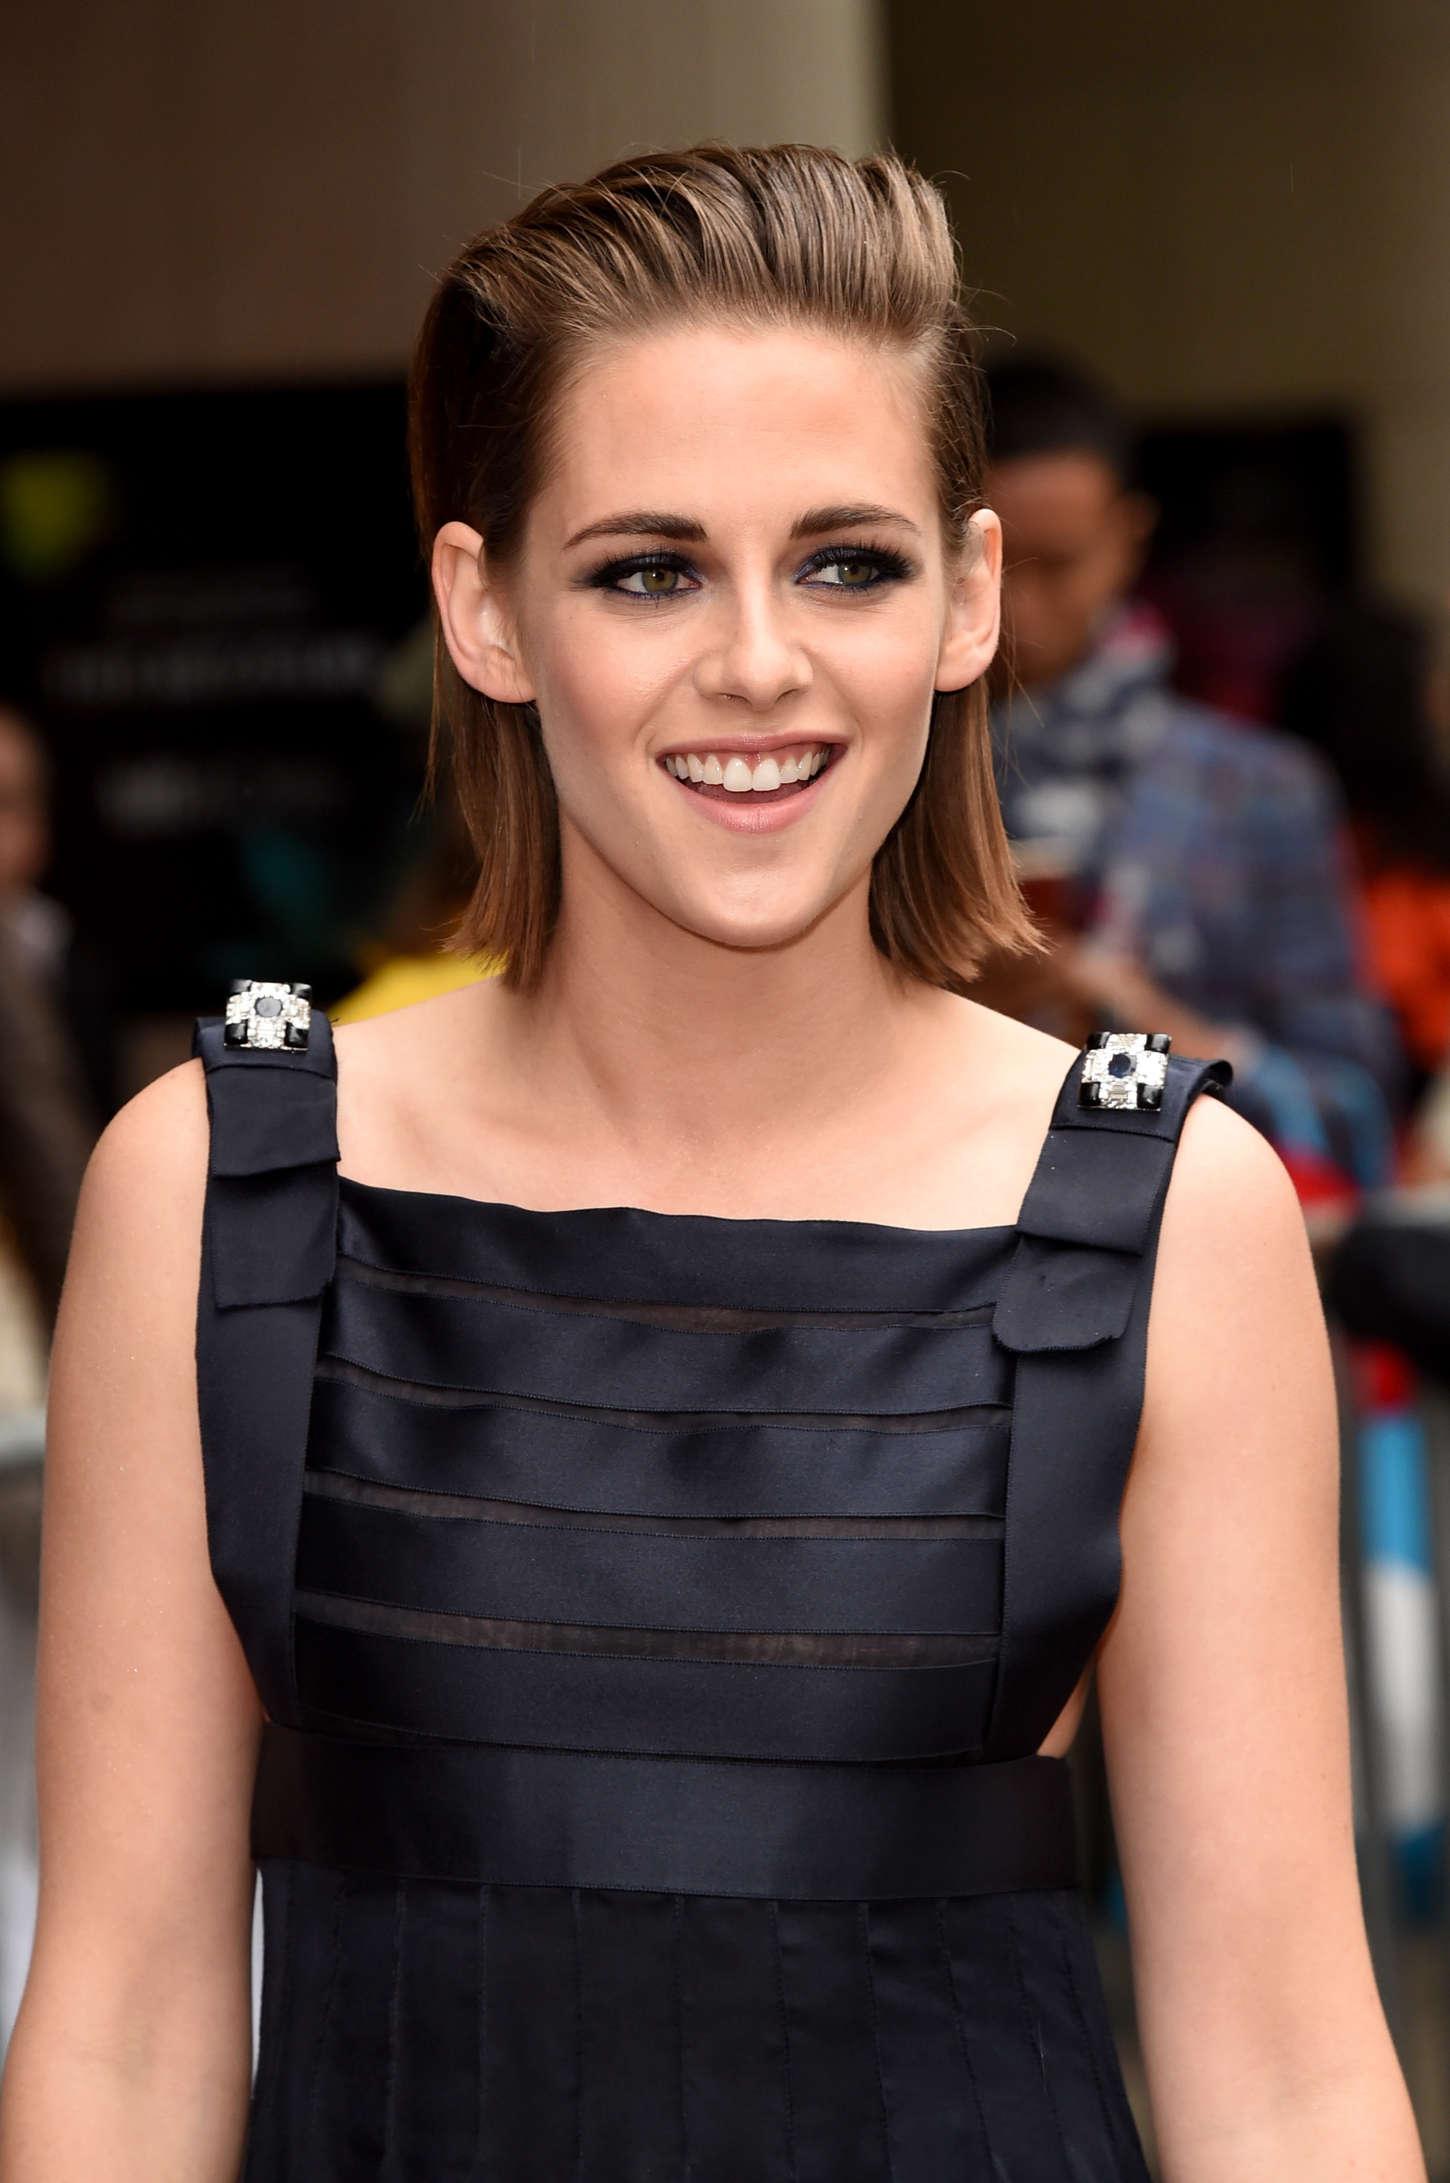 Kristen Stewart Equals Premiere At 2015 TIFF In Toronto